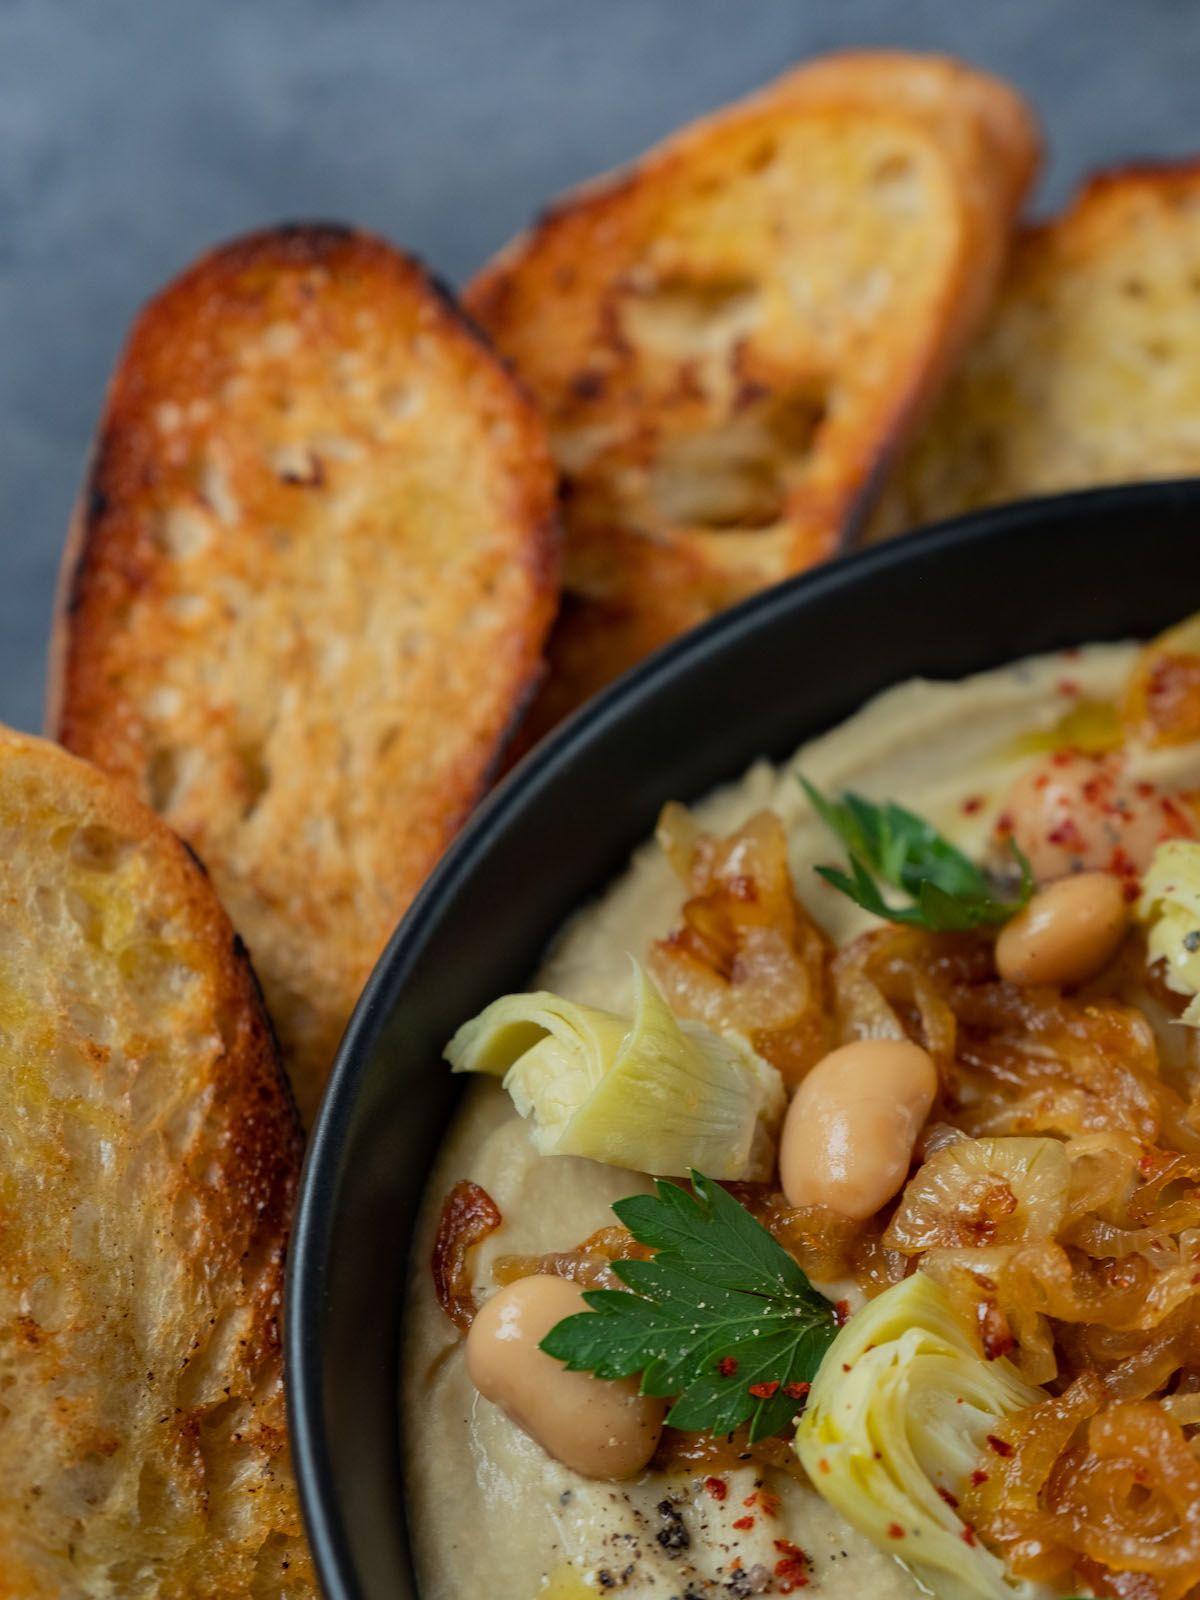 foodblpog, about fuel, rezept, Weiße Bohnen artischocken Dip, geröstetes Brot, Baguette, Chiliflocken